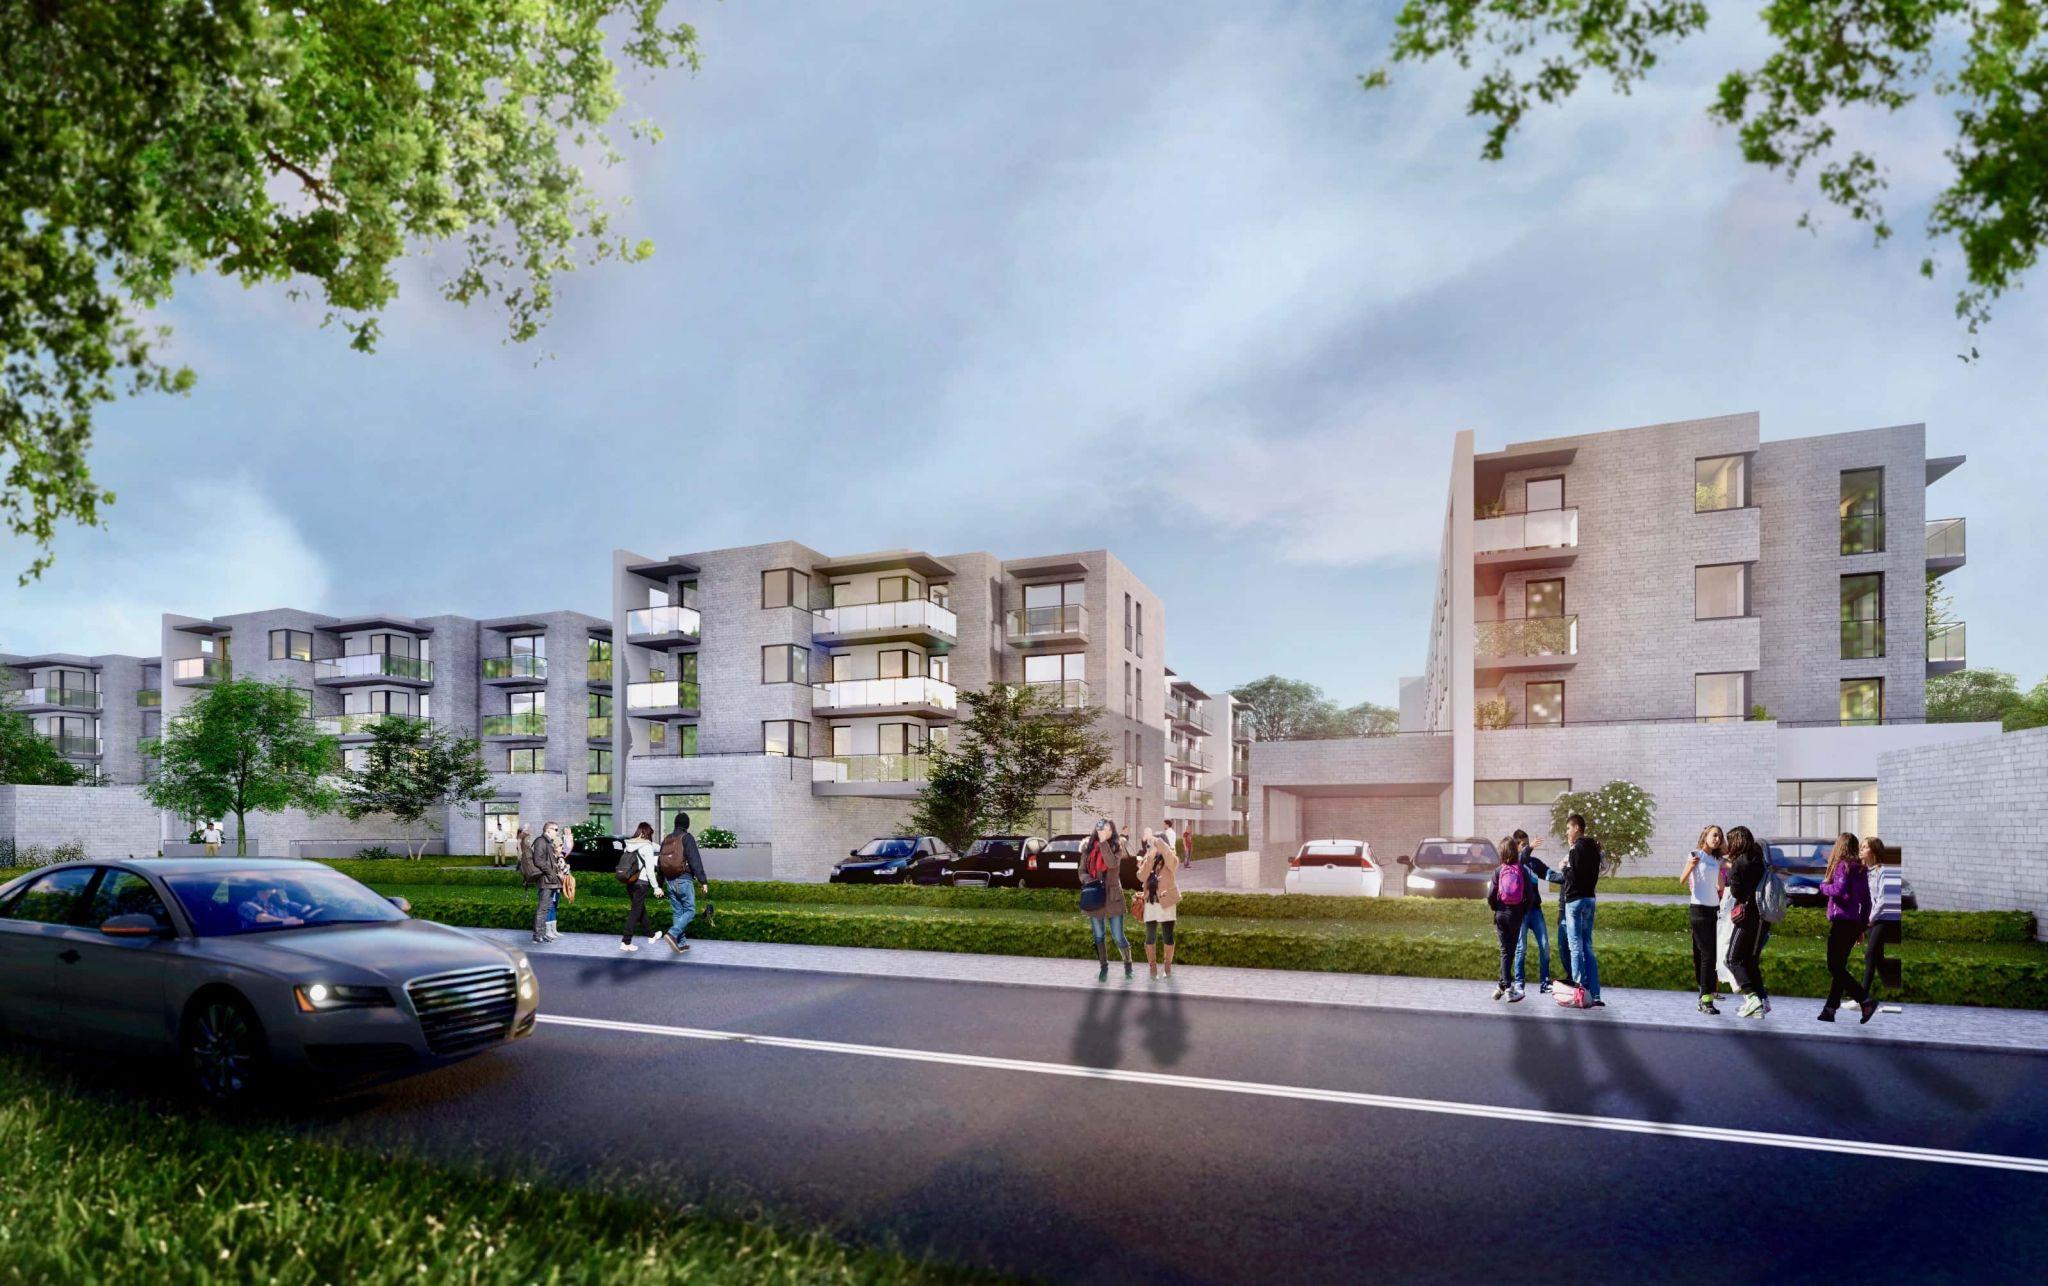 zam lipska 2 1 Trwa sprzedaż drugiego etapu nowoczesnego osiedla mieszkaniowego